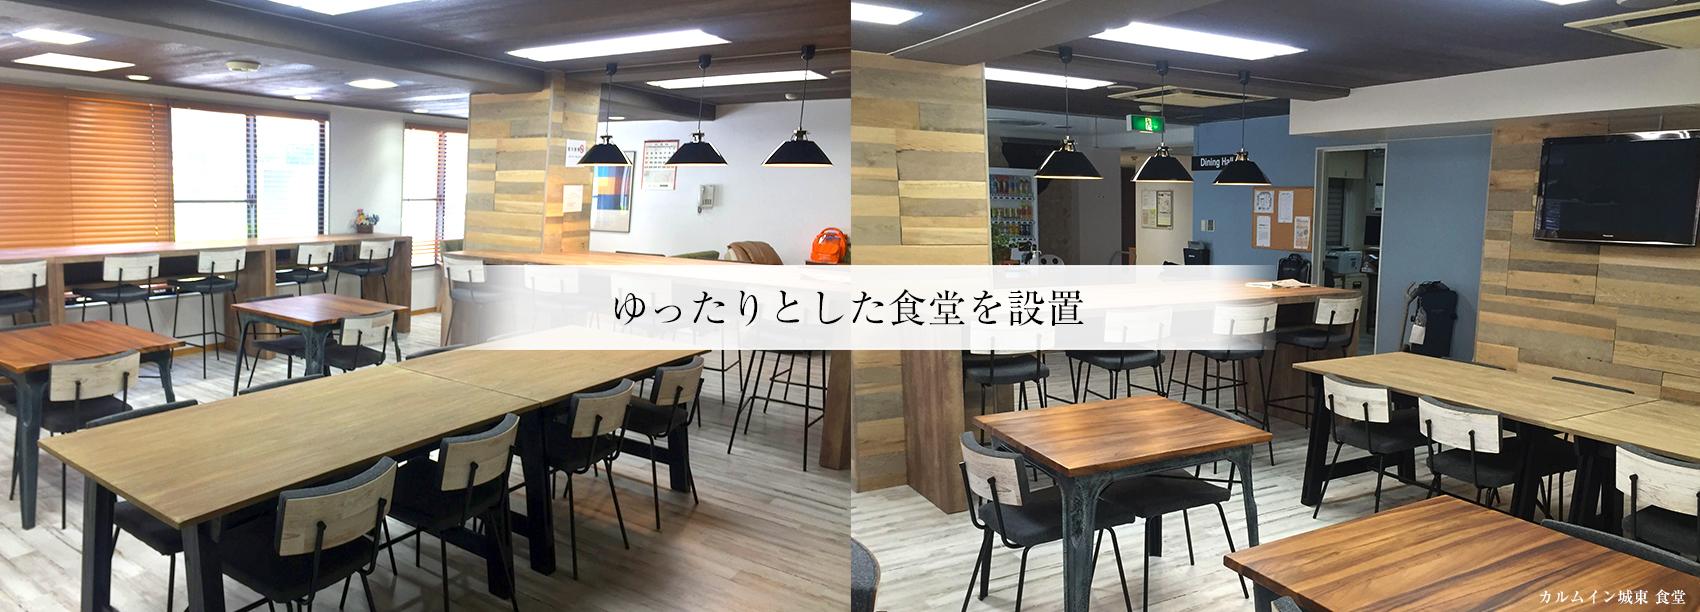 ゆったりとした食堂を設置